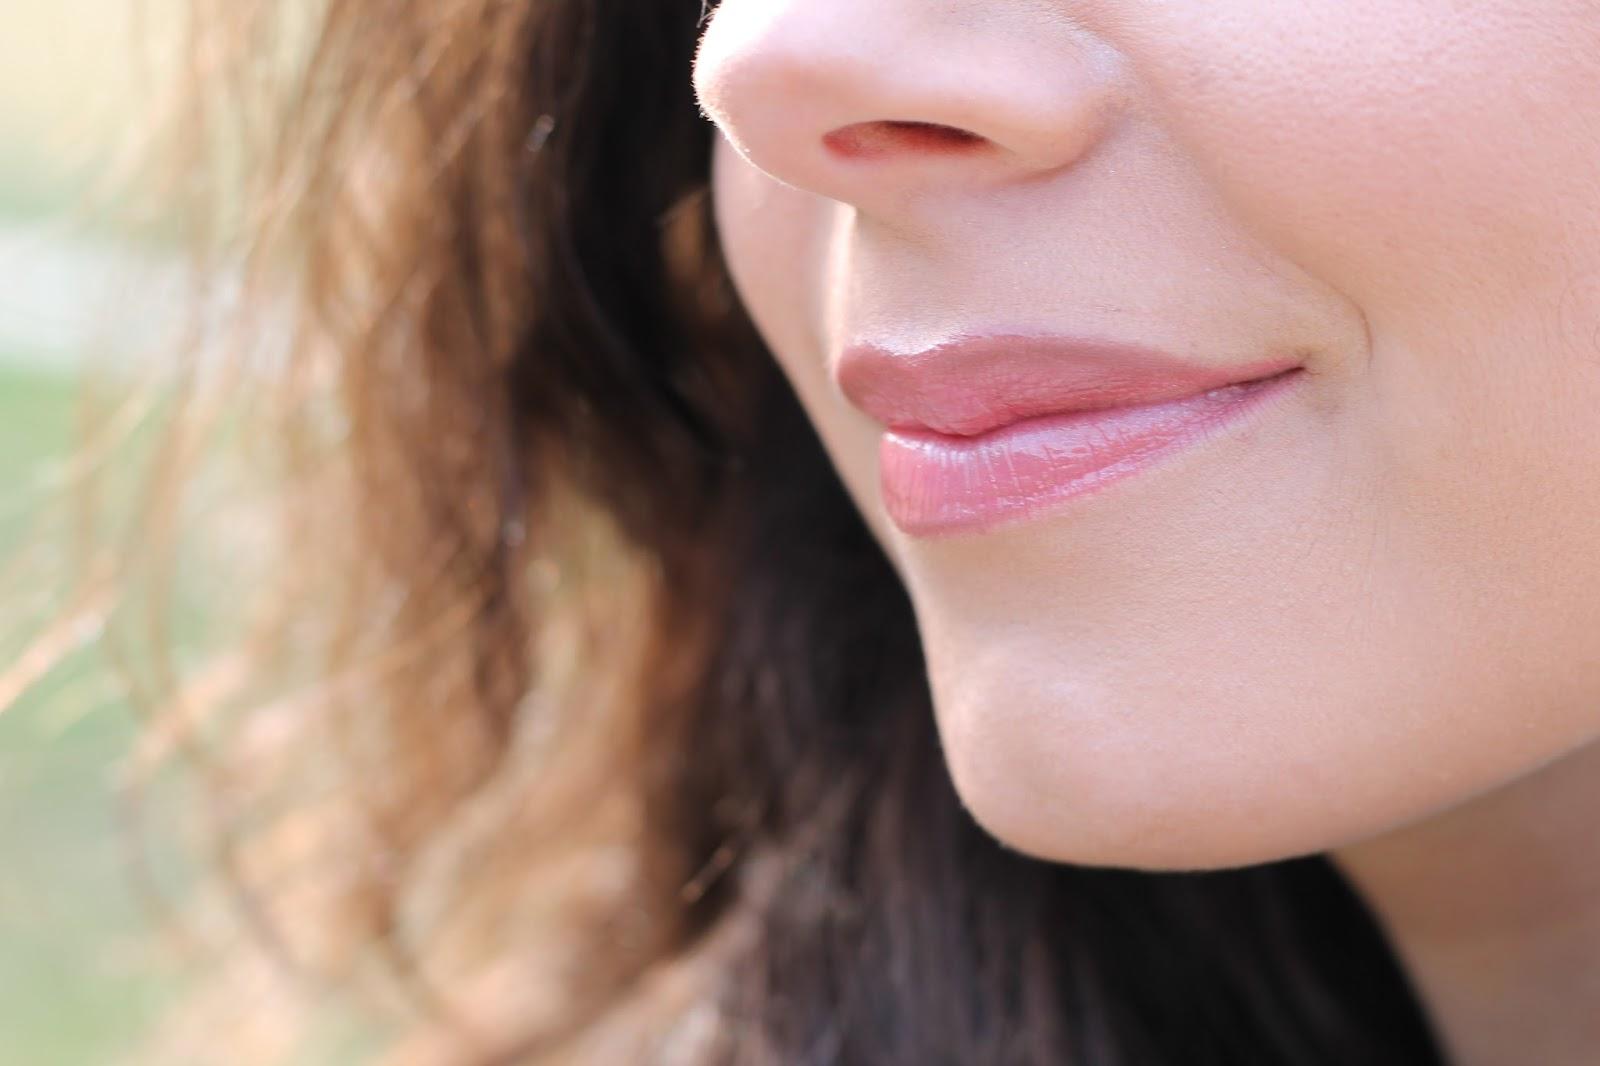 makeup make up maquillage contouring dior diormakeup boutique magasin parly 2 le chesnay ambassadeurparly2 défilé printemps été 2017 nude diorshow diorskin leçon séance gratuit pour tout achat prendre soin de soi tuto tutoriel smoky eyes yeux teint lèvres lip glow pomade